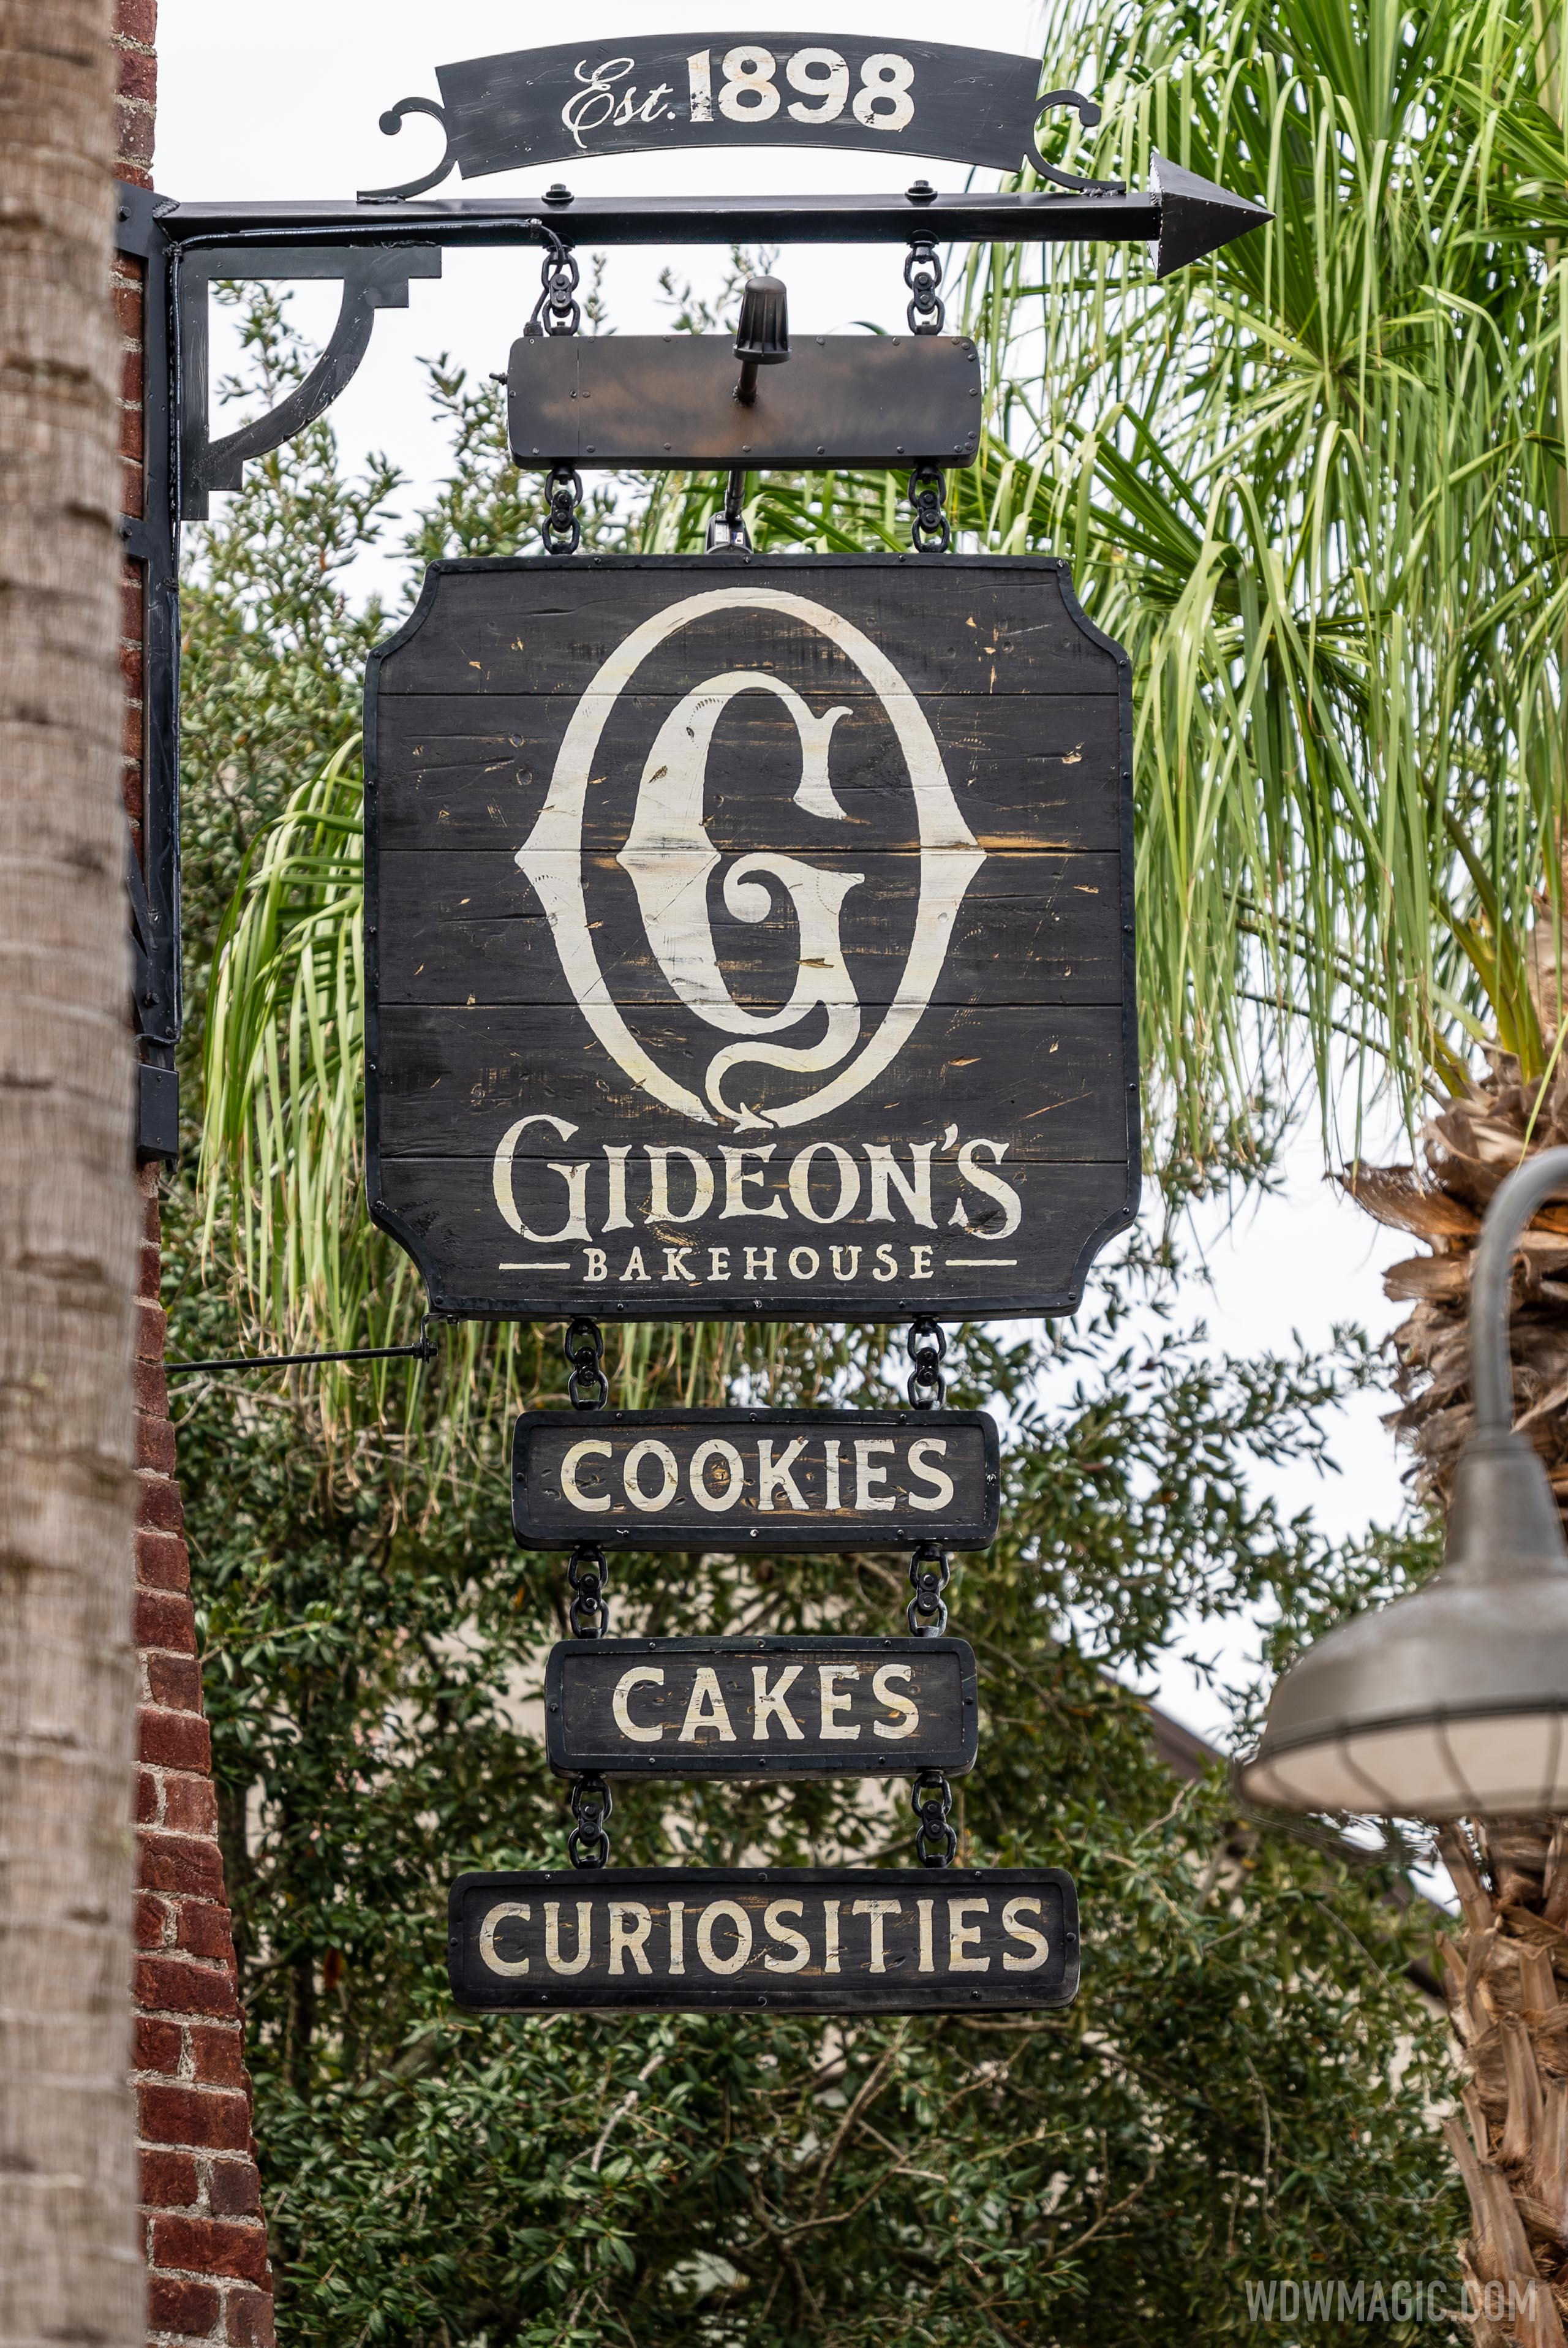 Gideon's Bakehouse construction - October 1 2020